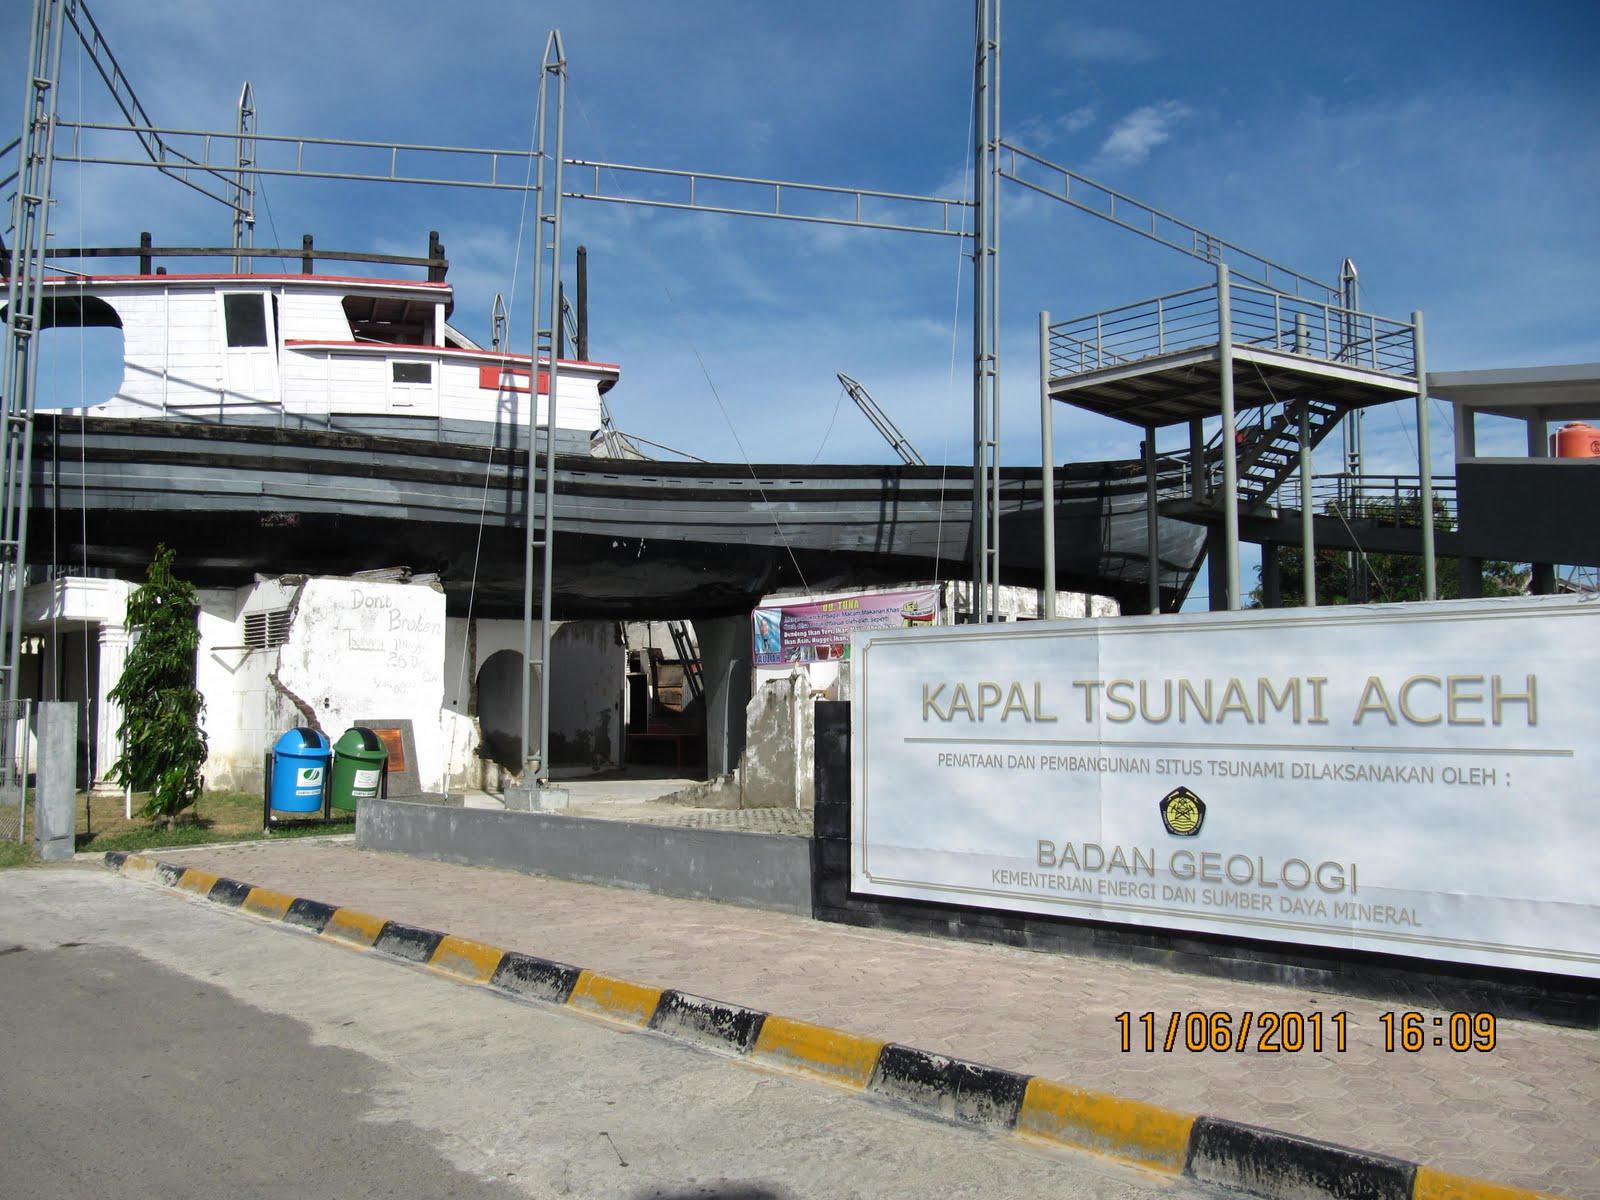 Adventure Aceh Kapal Atas Rumah Museum Tsunami Kota Banda